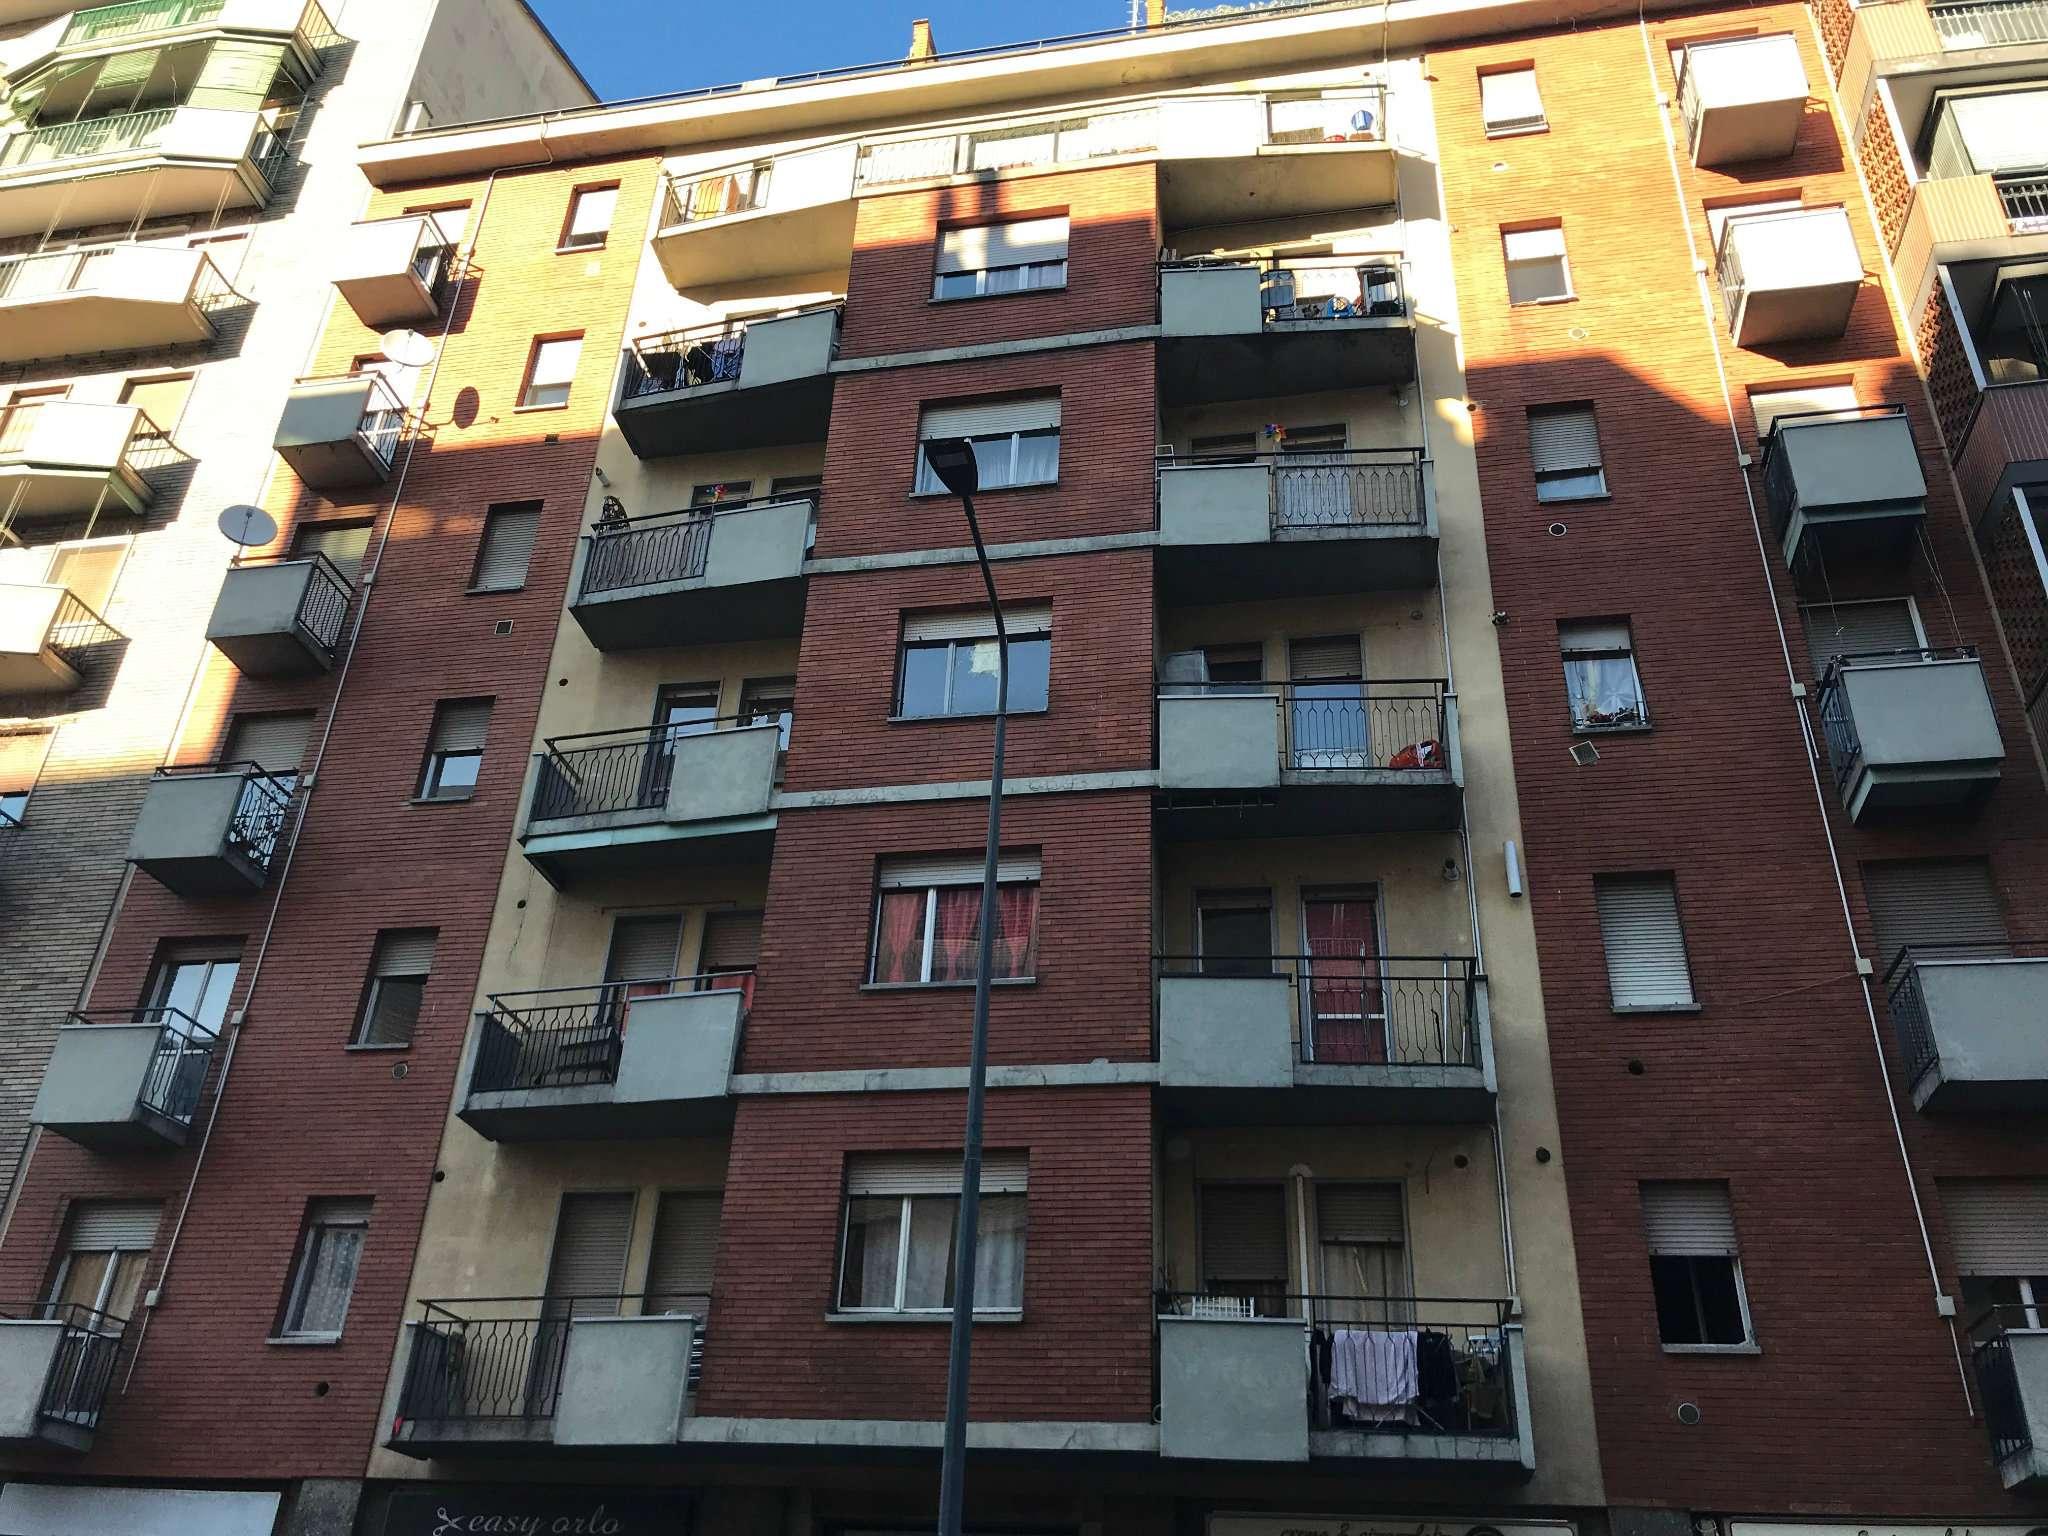 Negozio-locale in Vendita a Milano 23 Forlanini / Mecenate: 1 locali, 45 mq